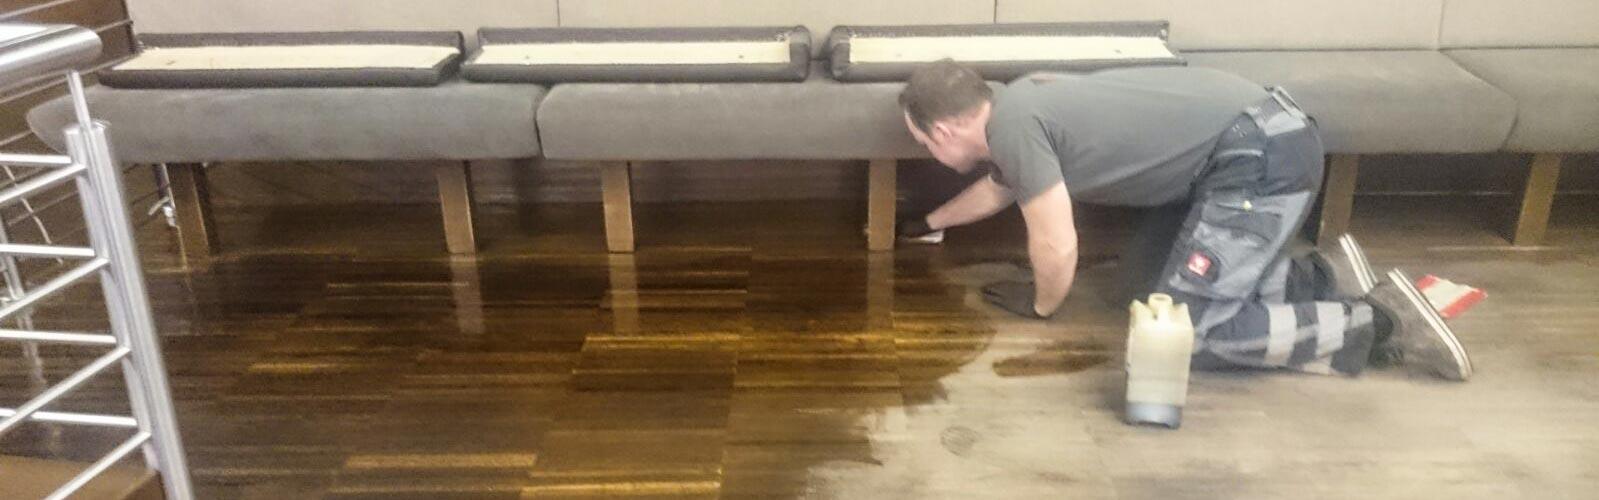 Holzboden Reinigung